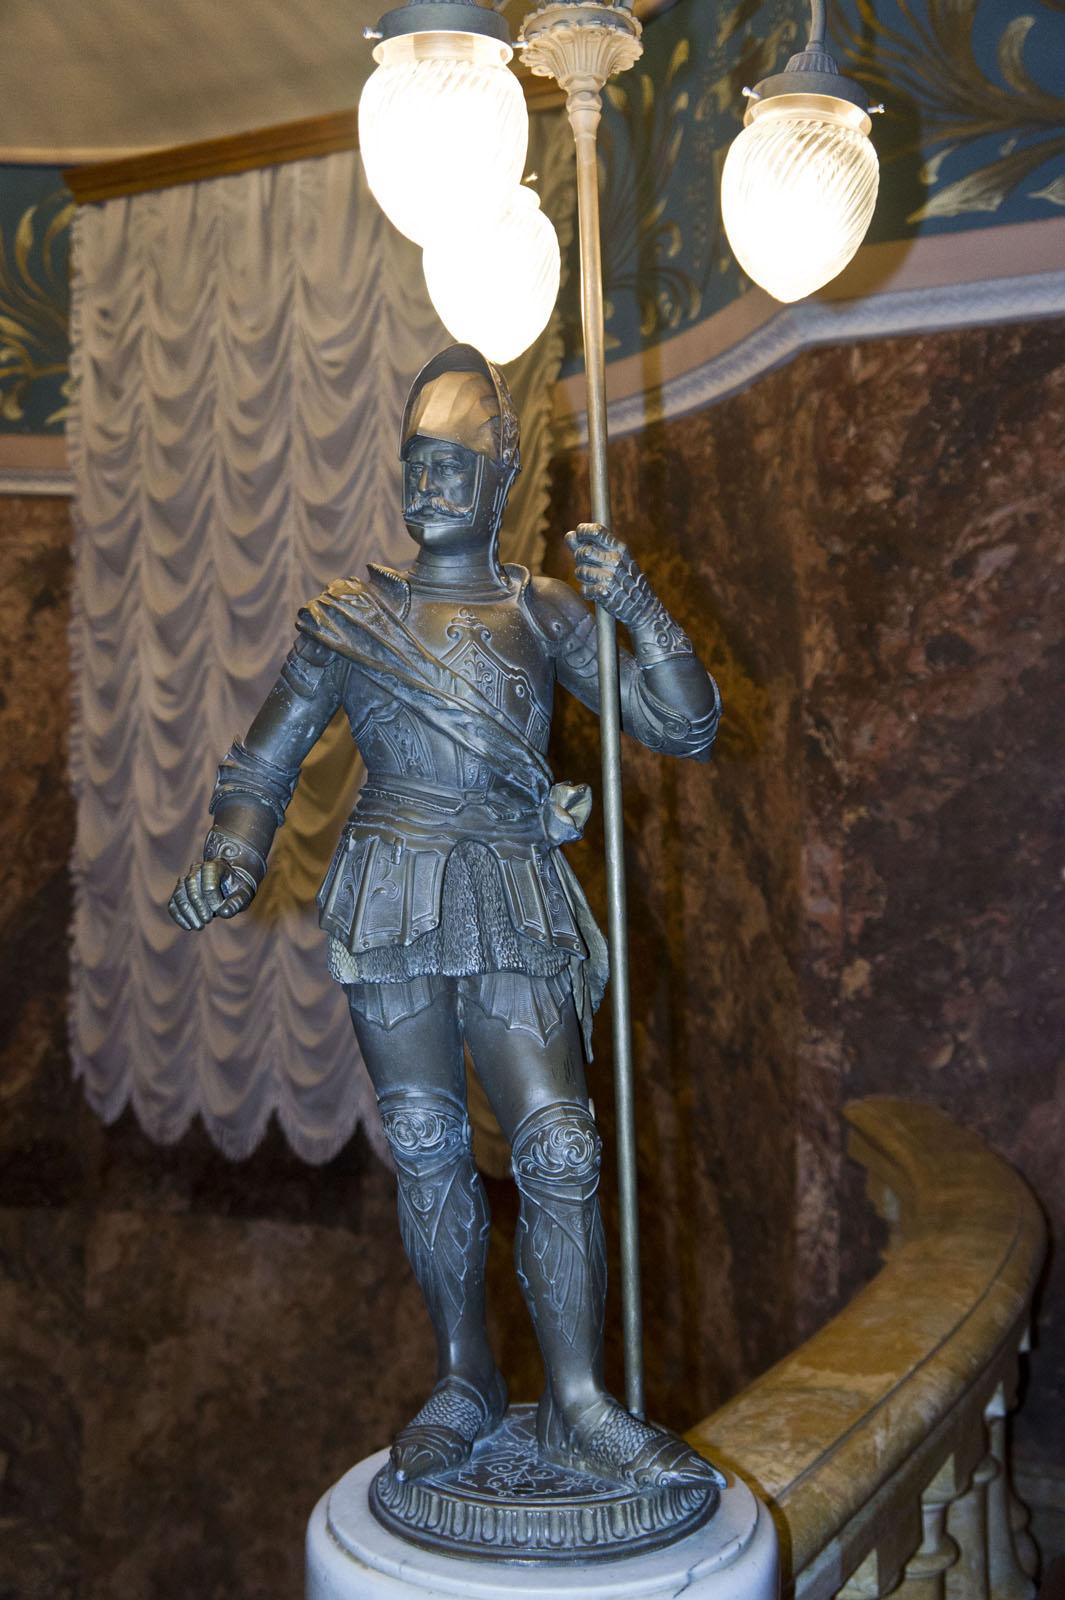 Фото №70667. Бронзовая скульптура рыцаря на лестнице КАРДТ им. Горького